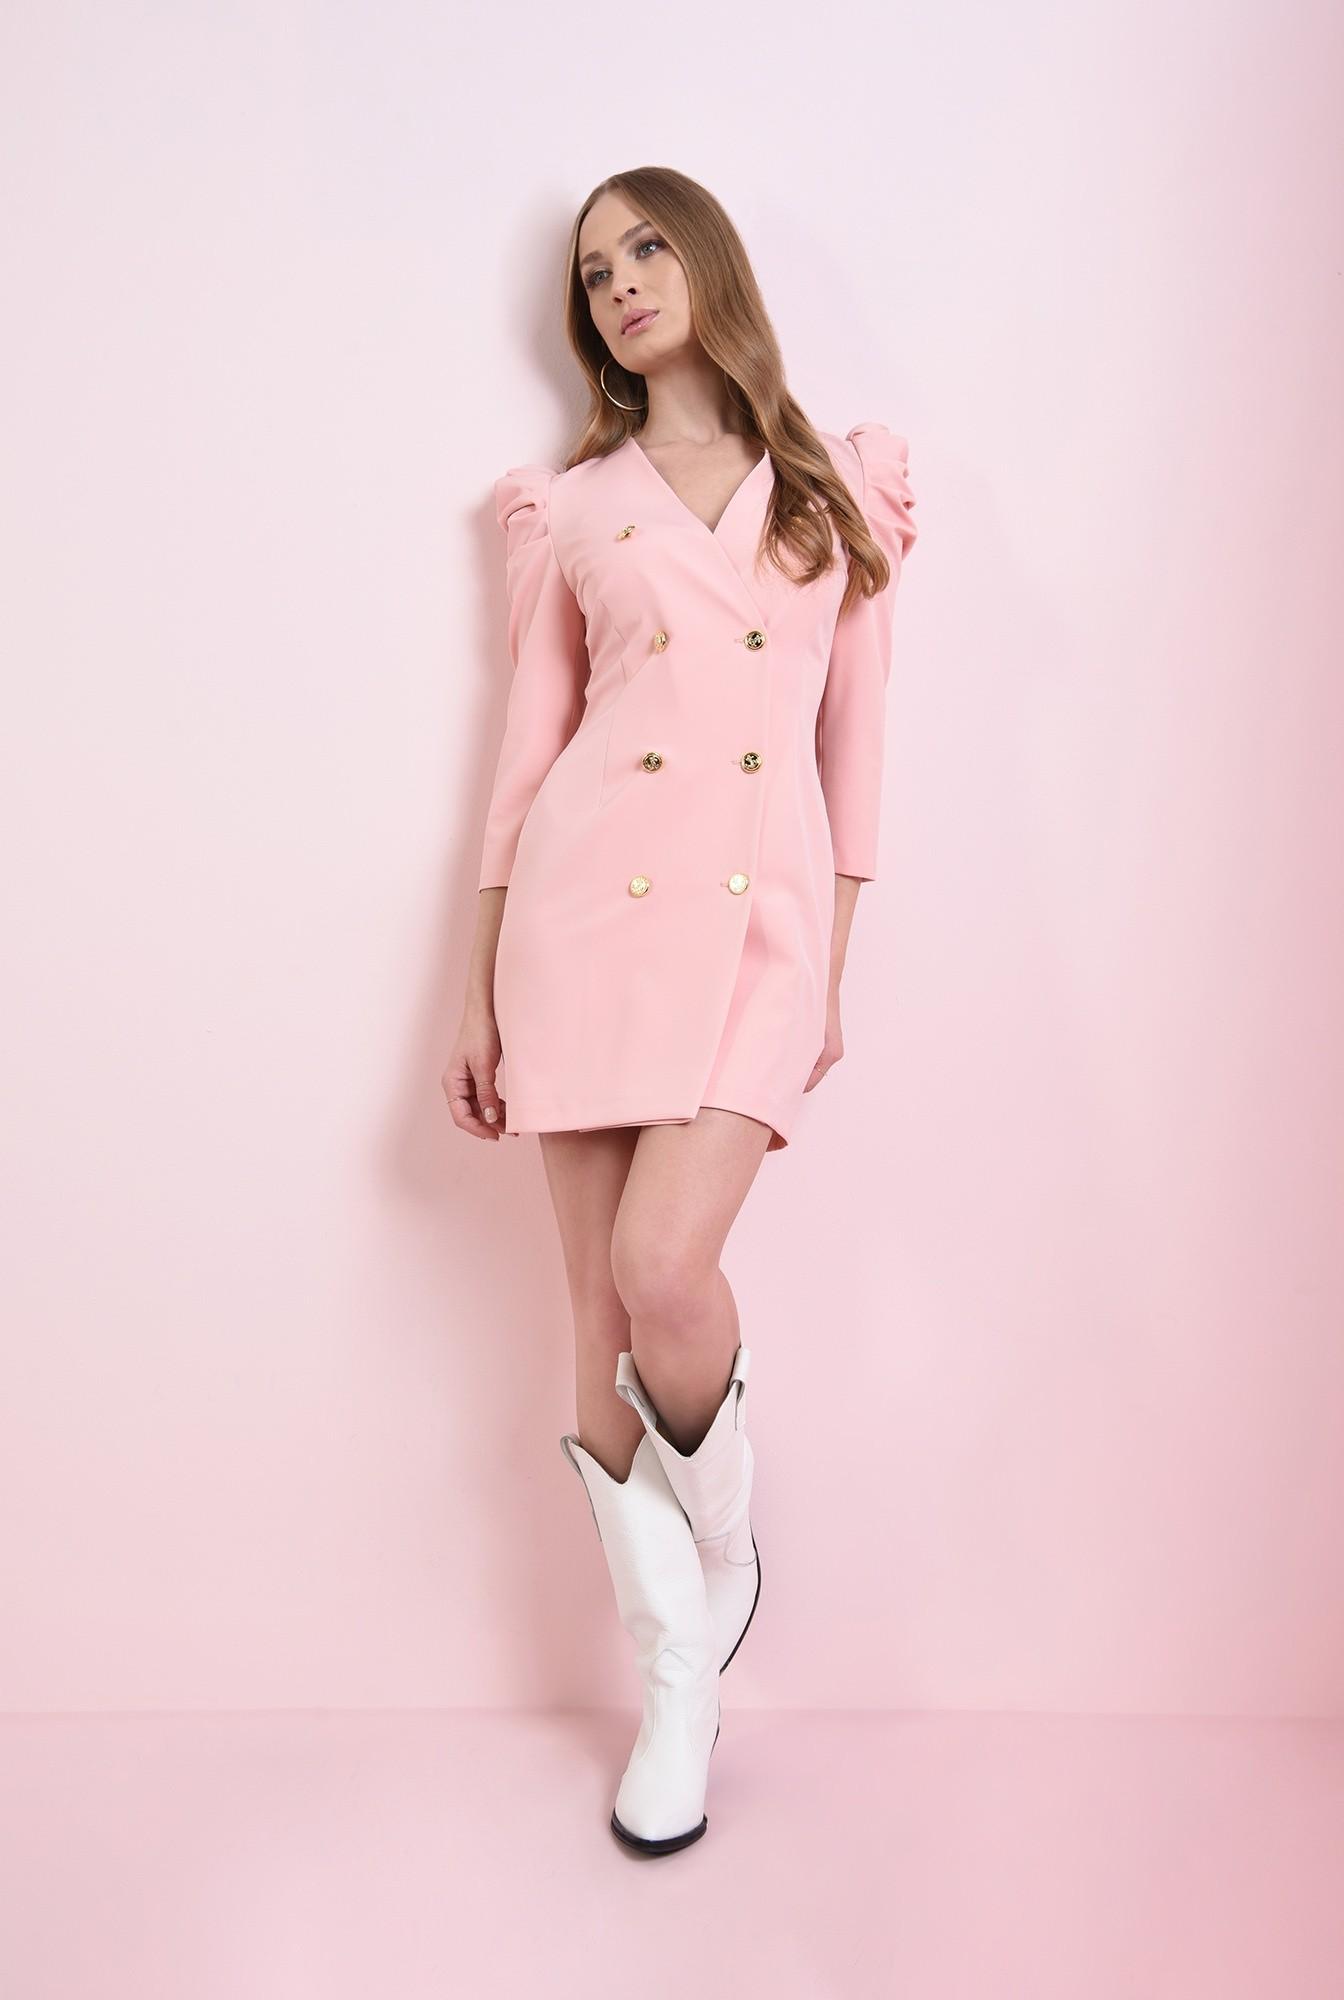 0 - rochie roz, scurta, cu revere